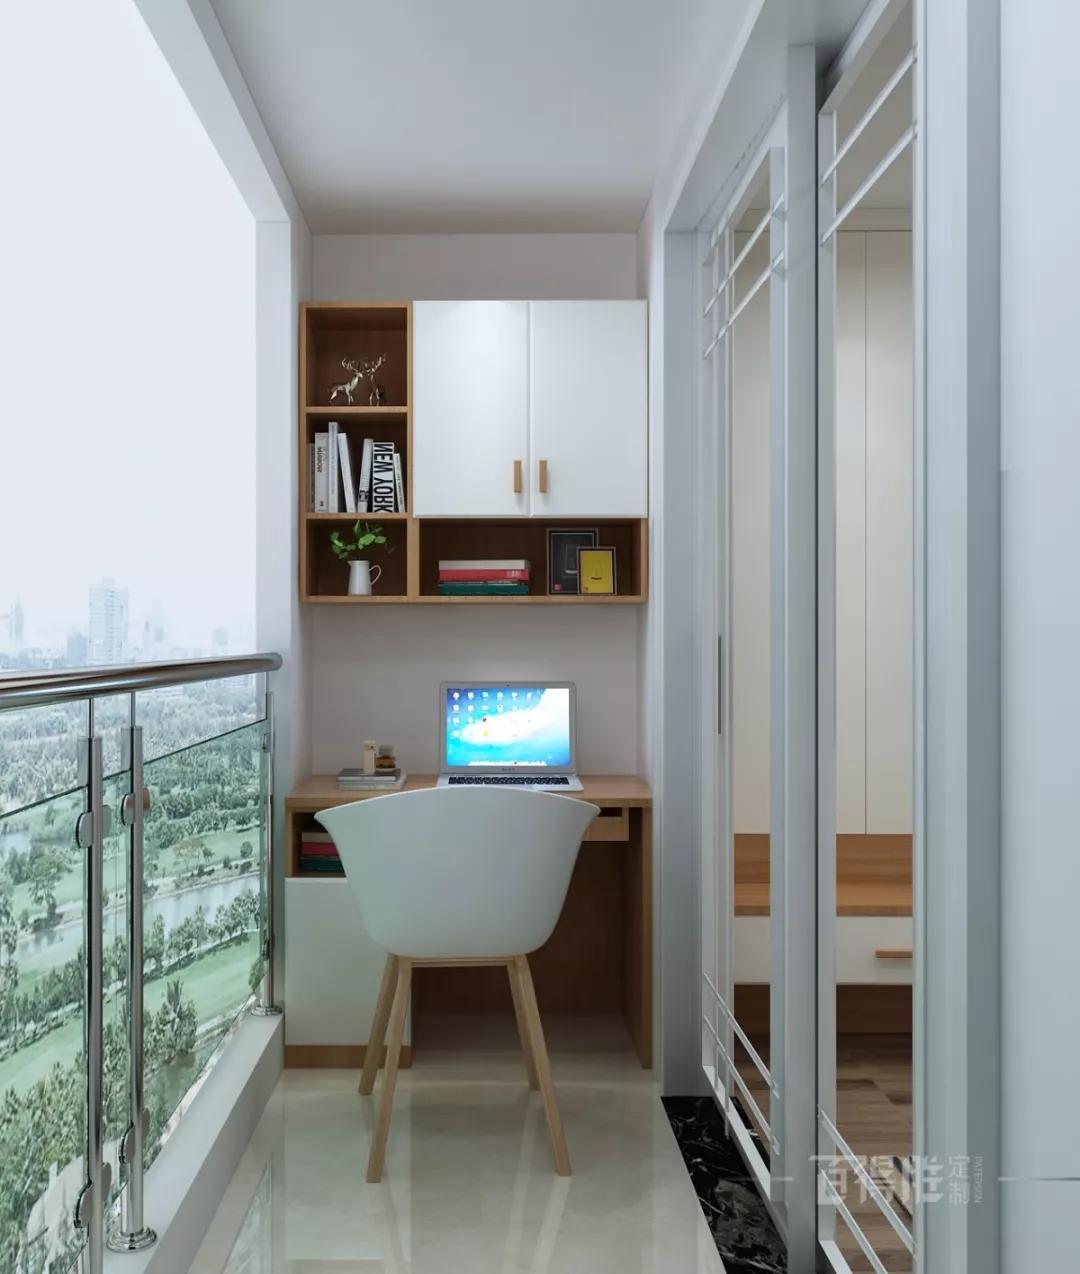 小书房装修效果图欣赏 能充分利用空间的小型书房设计